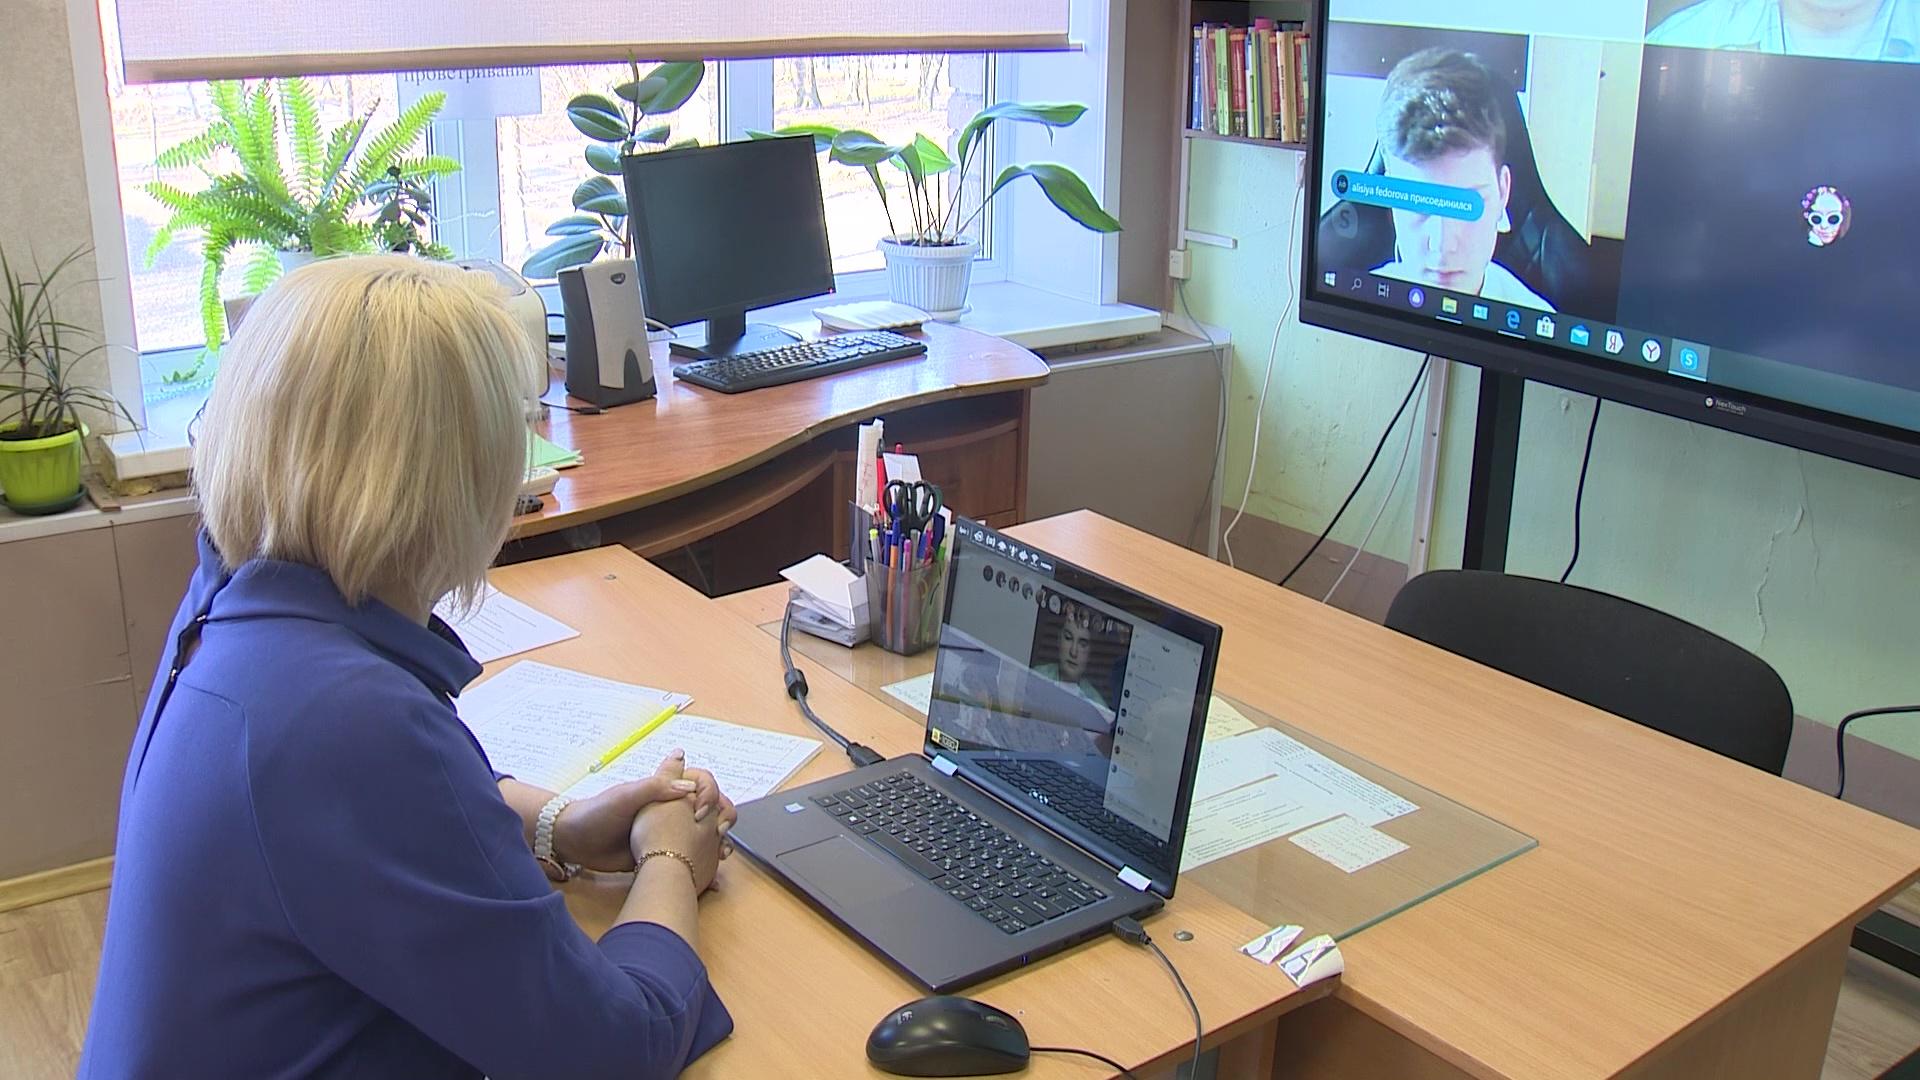 Ярославские школьники перешли на онлайн-обучение: как организован процесс